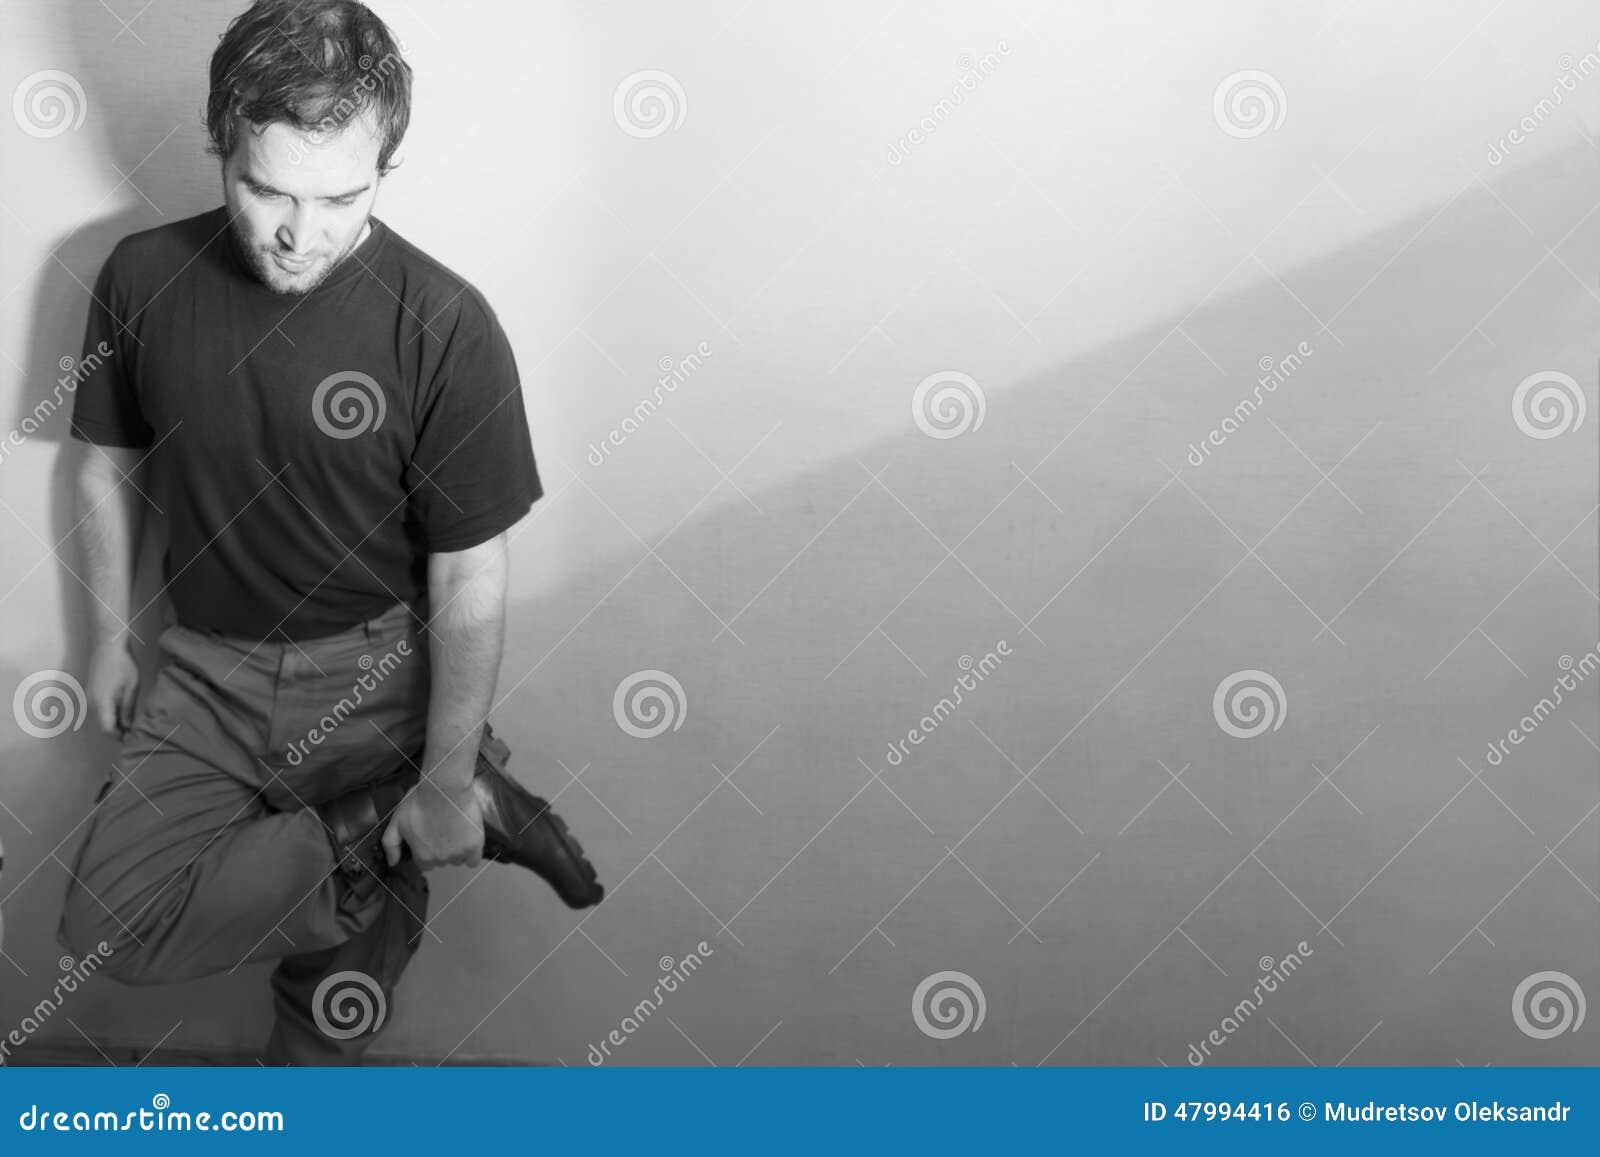 Работа мальчик по вызову в екатеринбурге 4 фотография